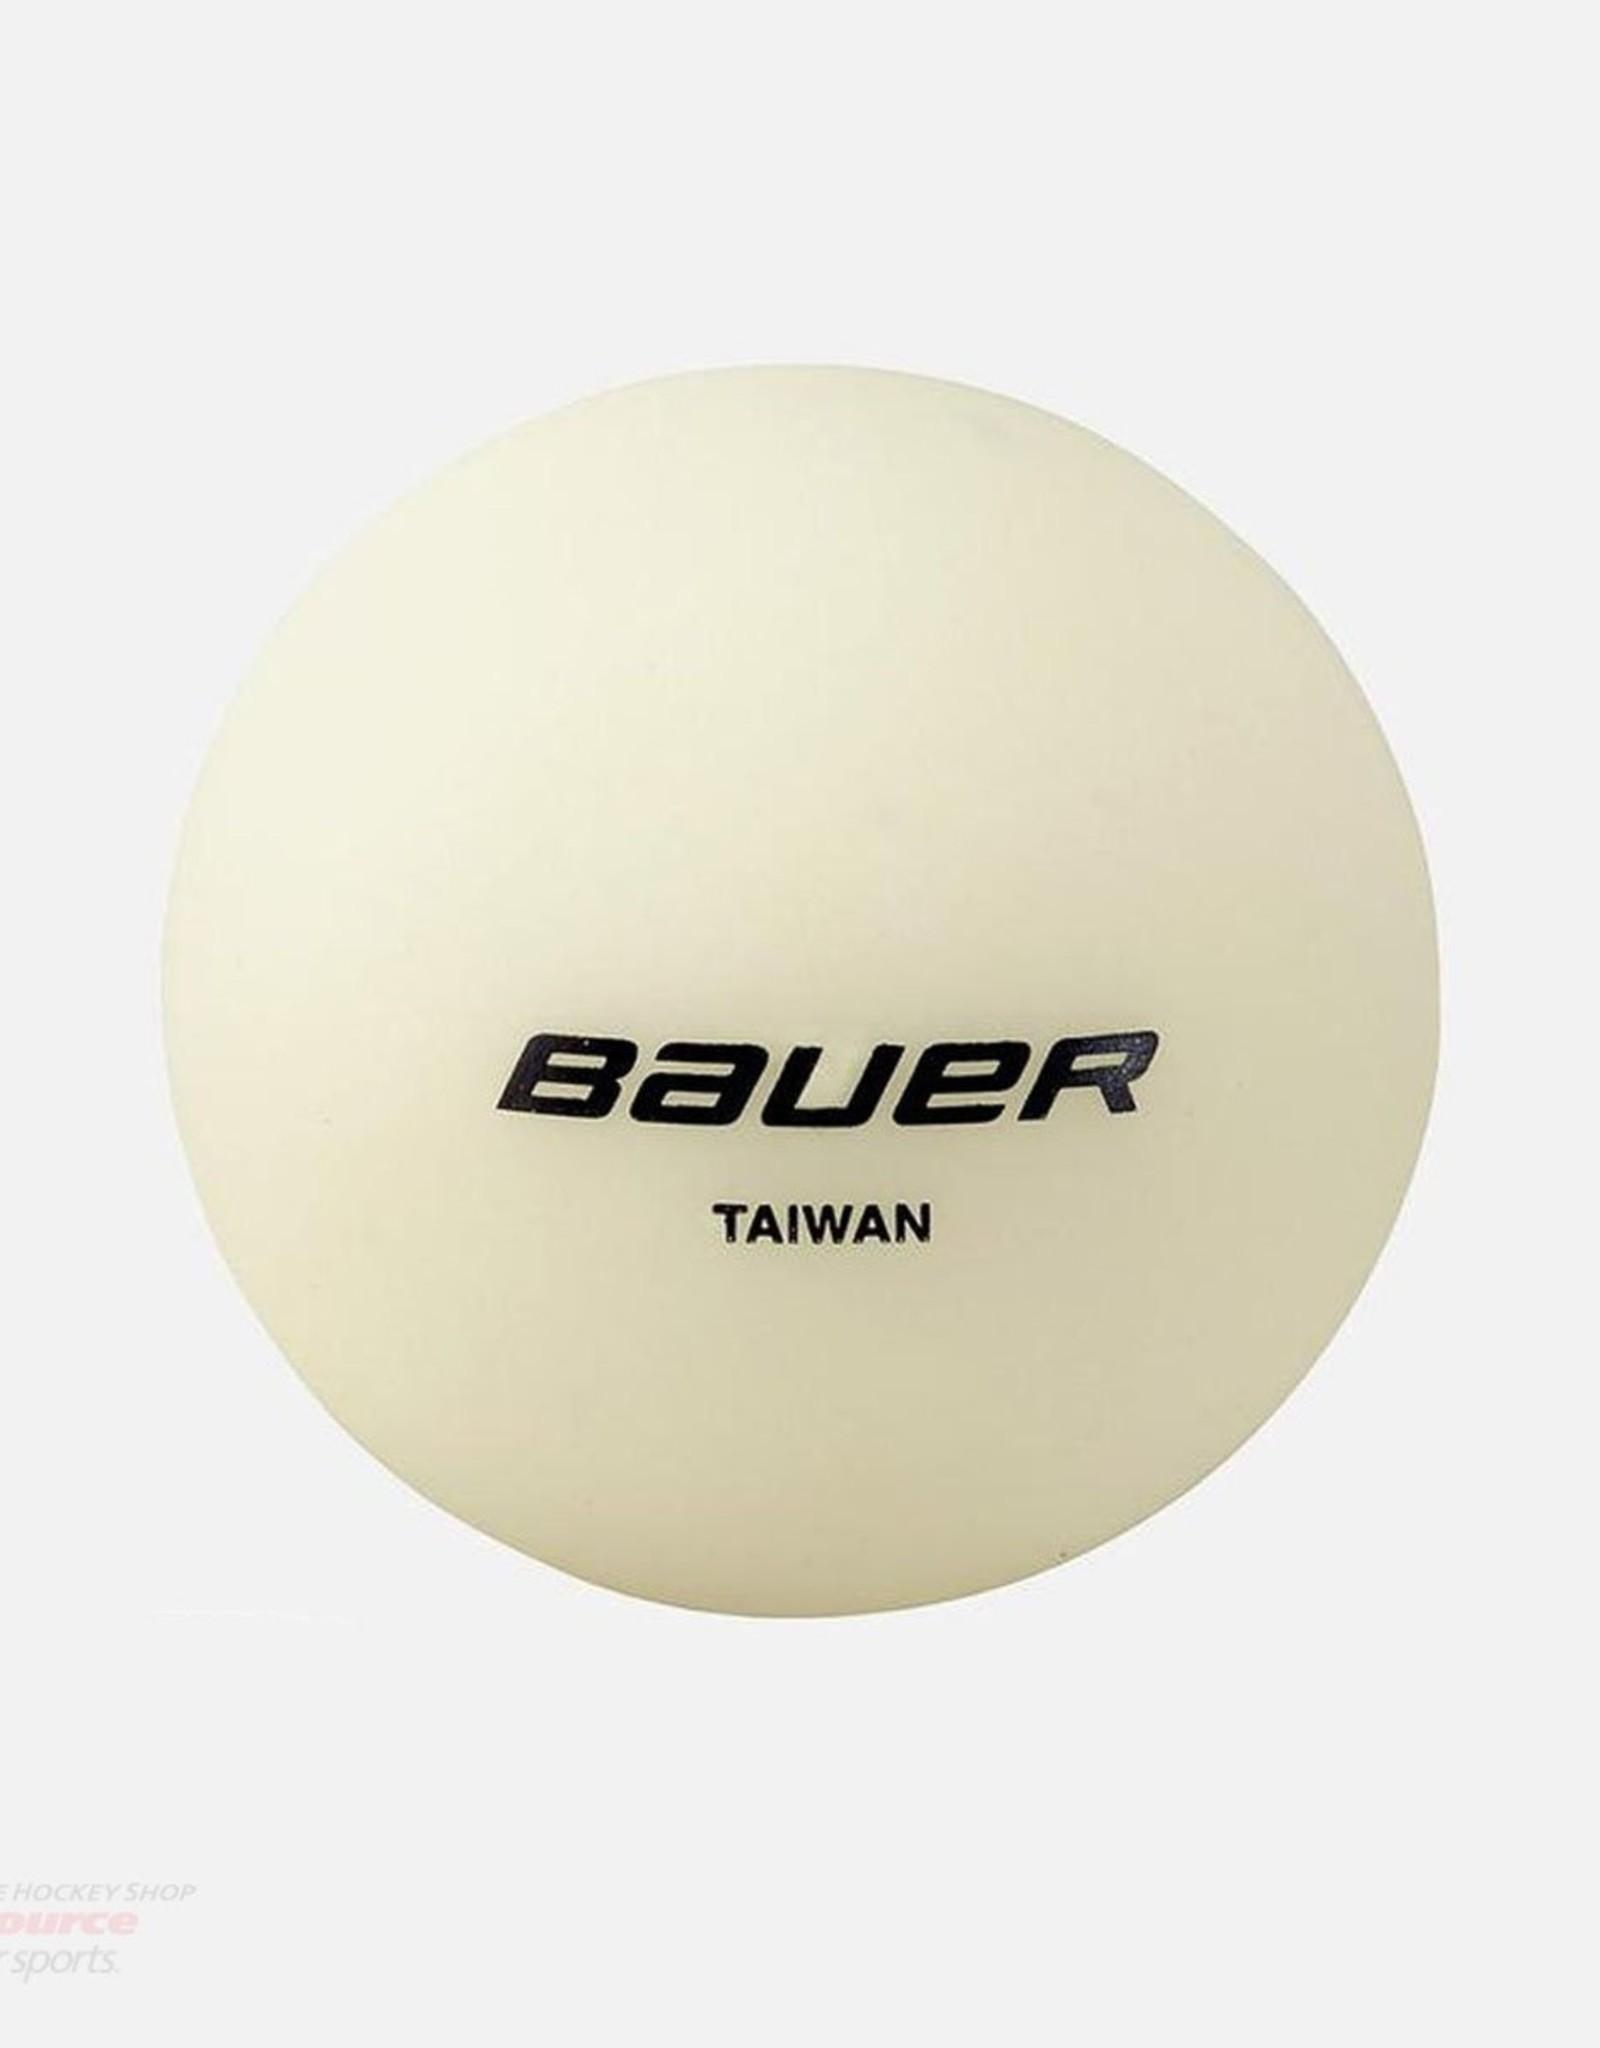 Bauer GLOW IN THE DARK BALL